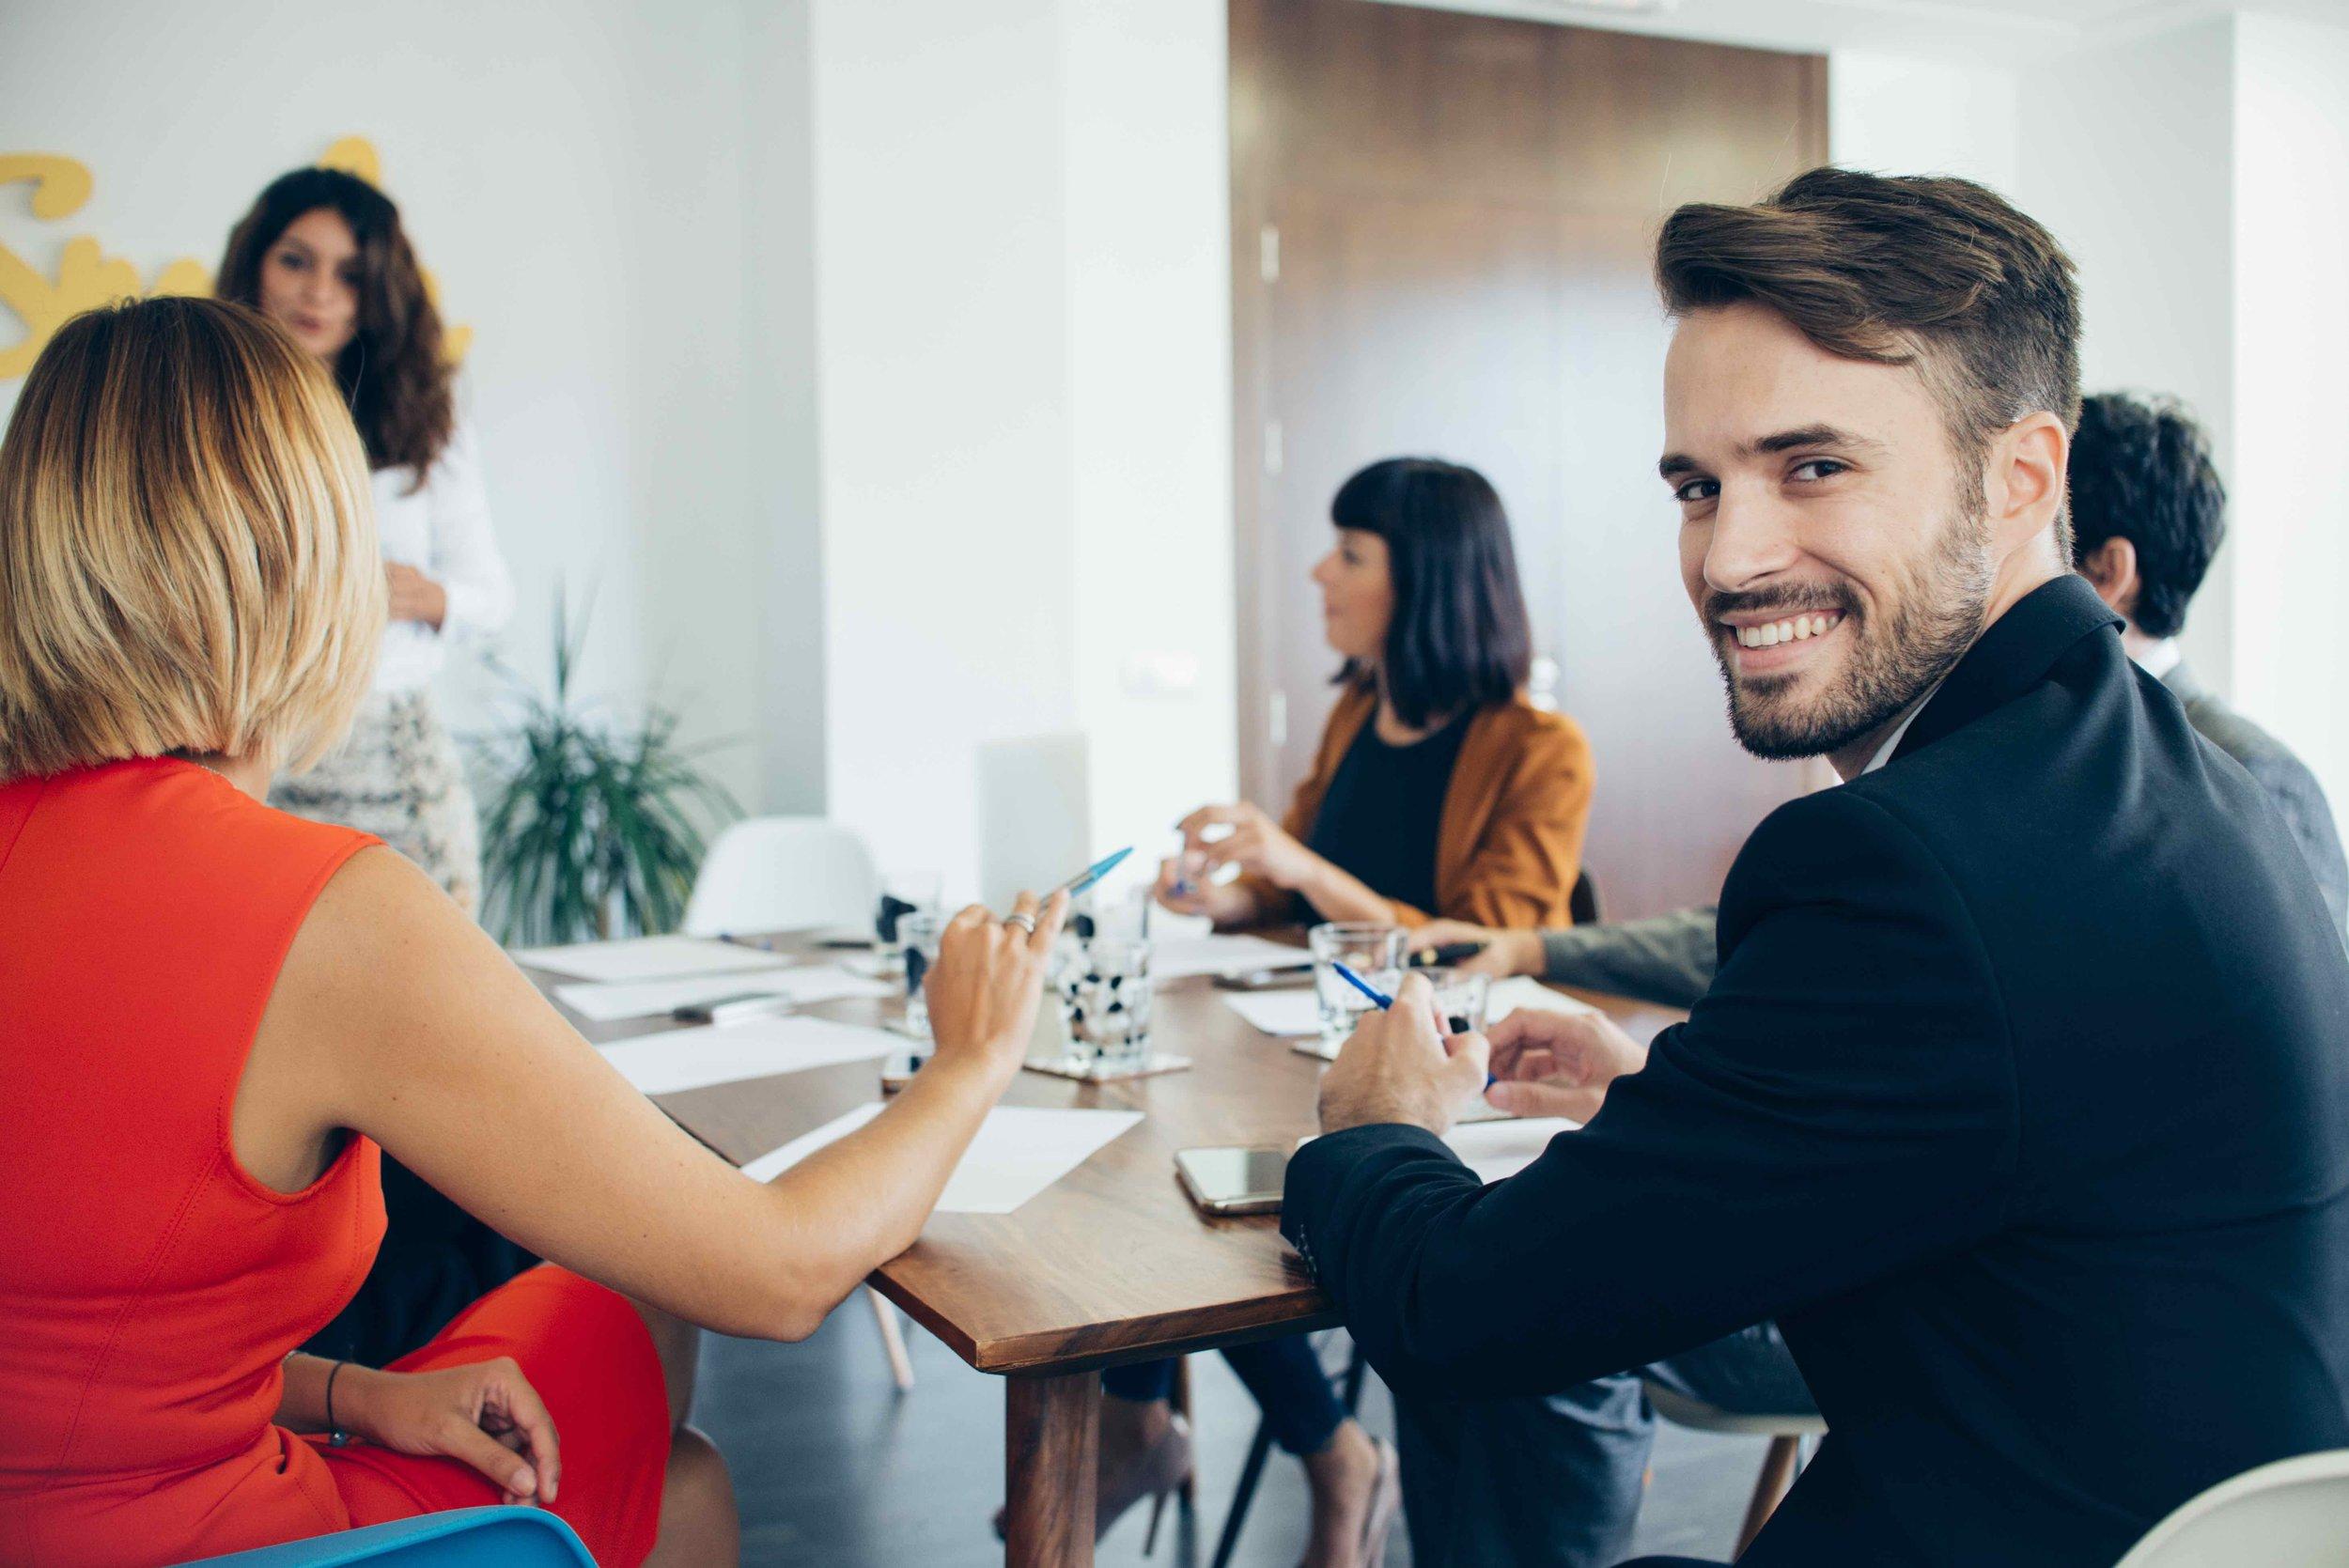 FINANCIAL STATEMENTS - Programa enfocado a profesionales financieros, que quieran aprender o reforzar la terminología para defender y responder preguntas sobre principios de contabilidad, declaraciones y estados financieros de tu organización en Inglés.